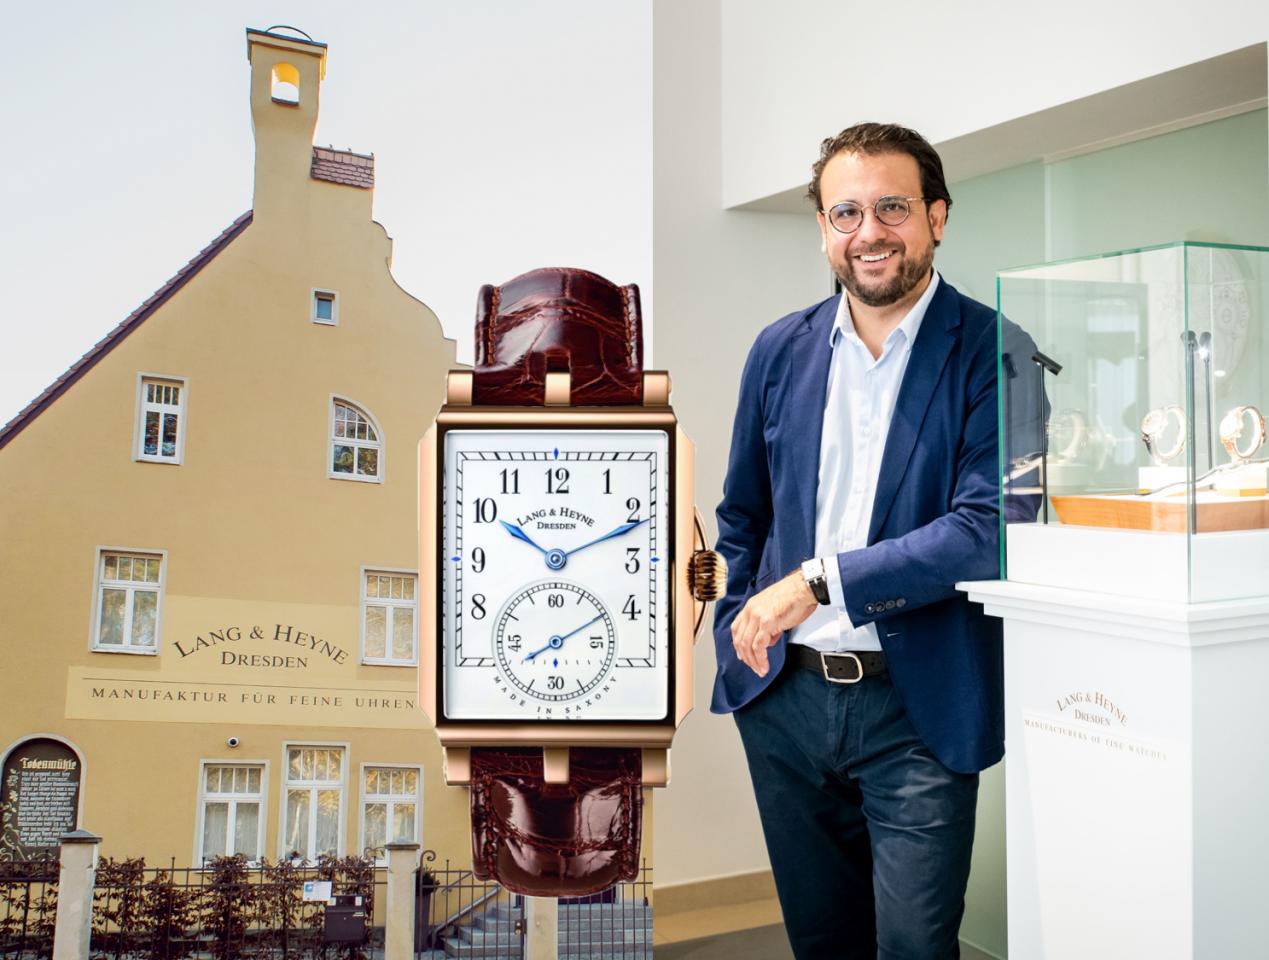 Alexander Gutierrez Diaz, CEO Lang & Heyne: Für mich hat der Heimatmarkt absolute Priorität!